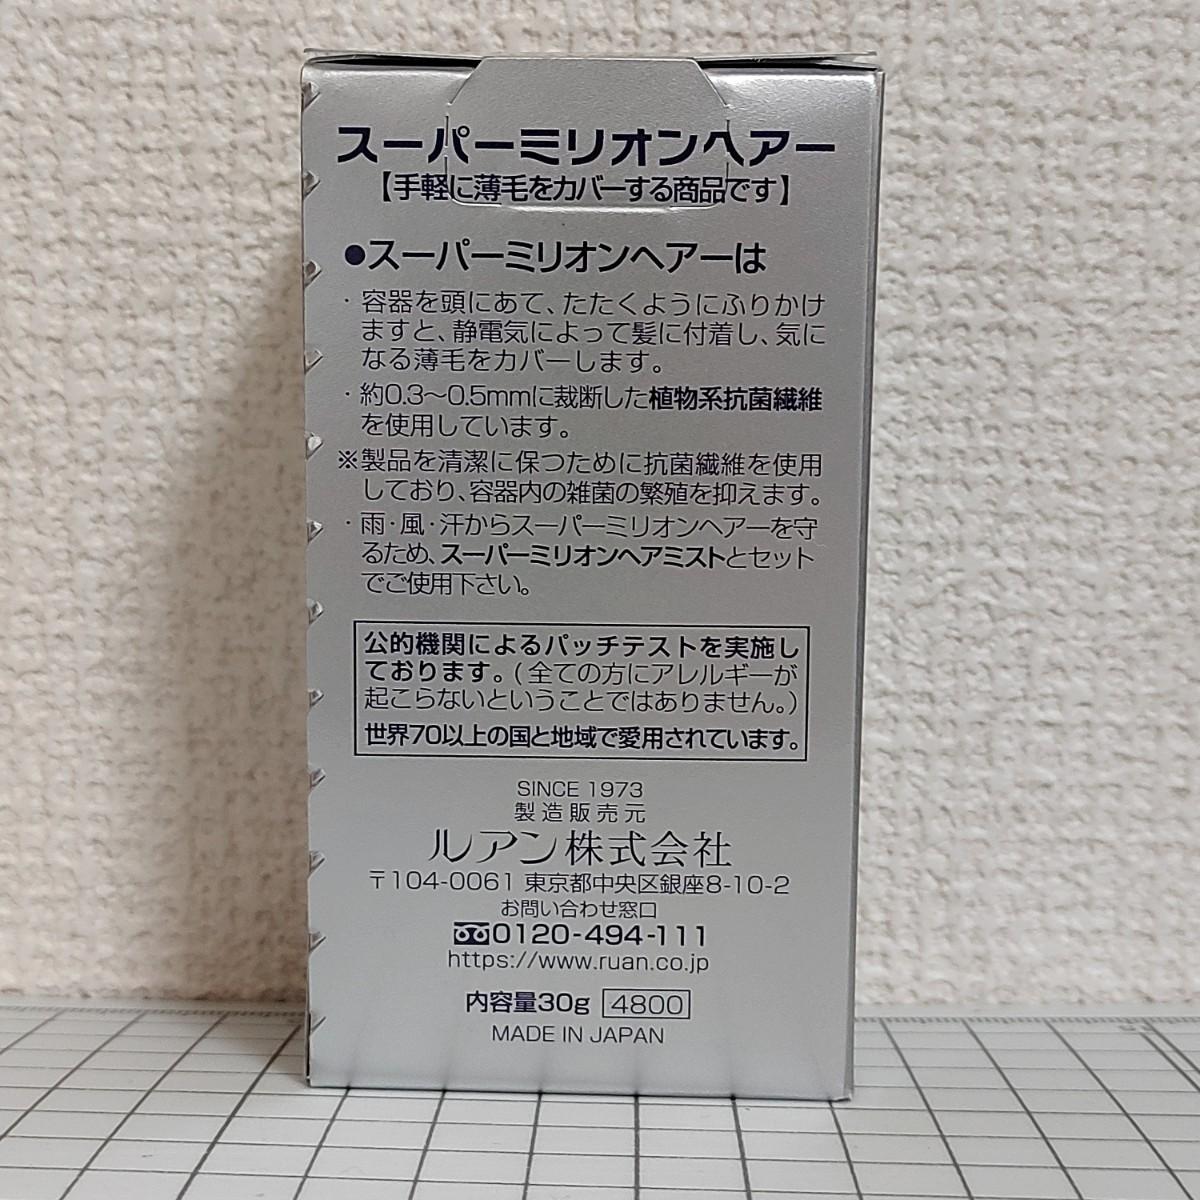 スーパーミリオンヘアー ライトブラウン 30g 2箱 新品・未開封